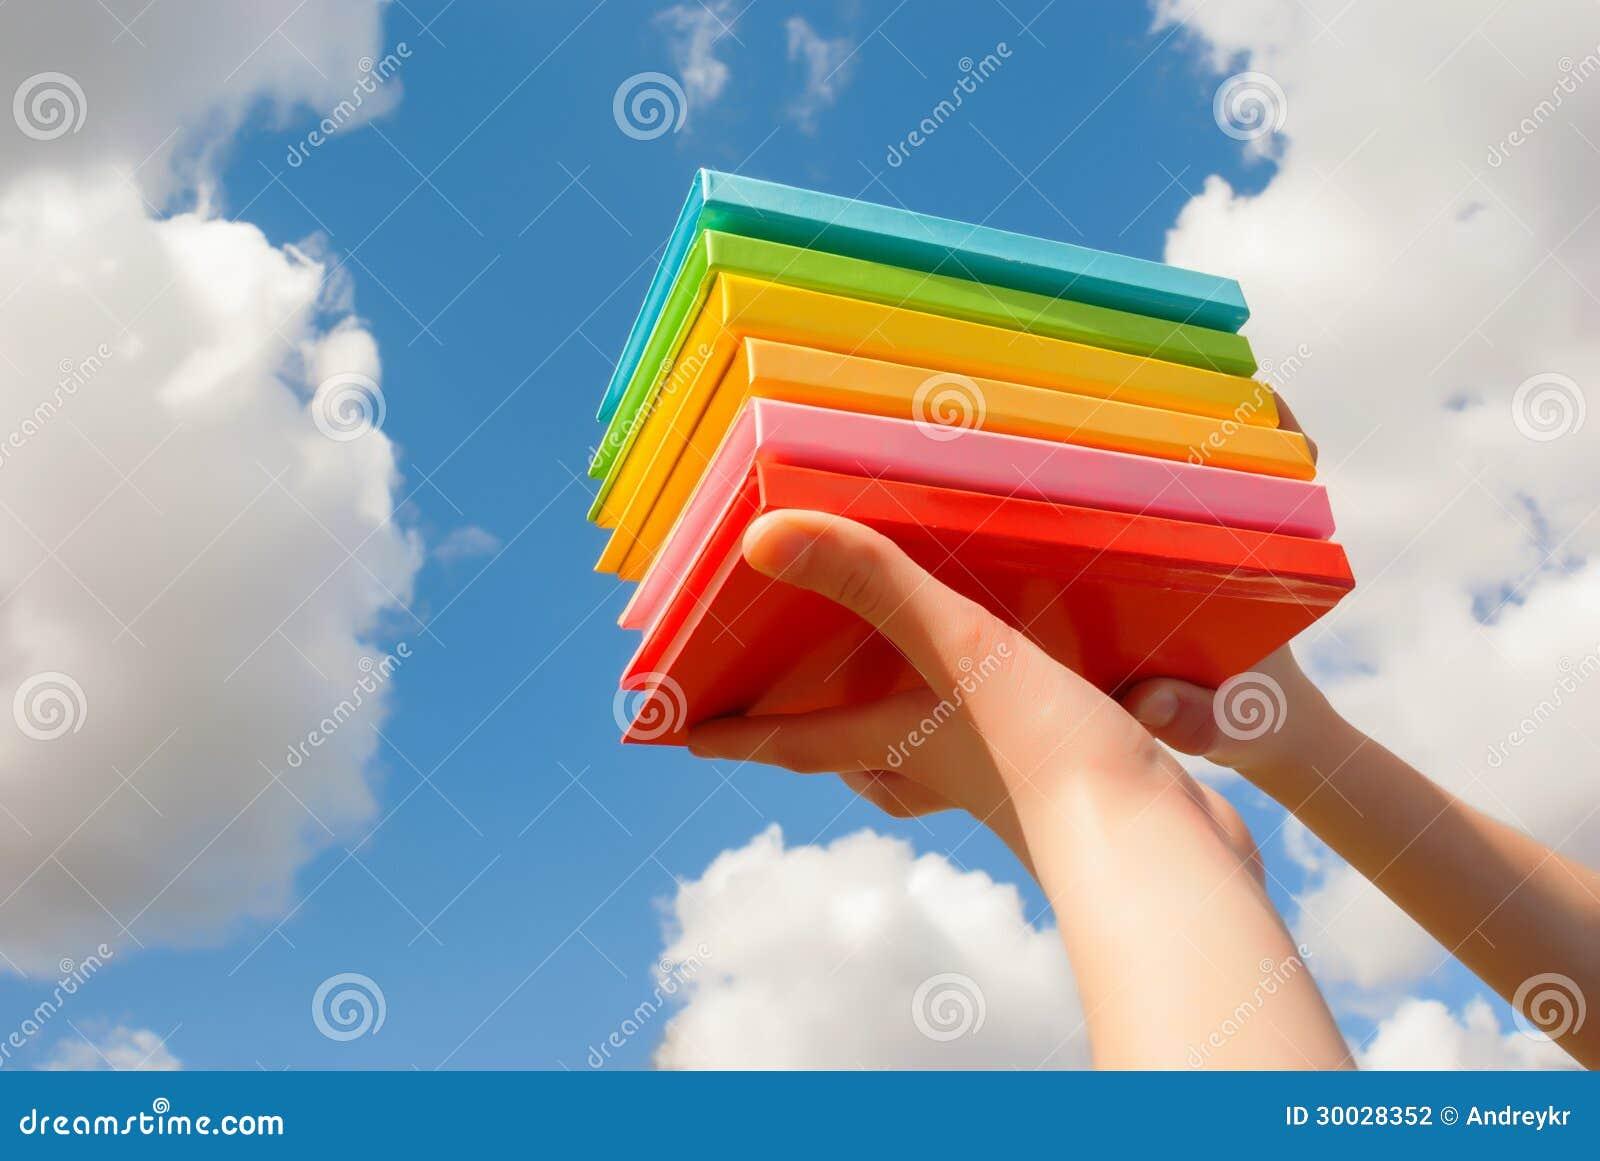 Mani che tengono i libri variopinti della copertina rigida